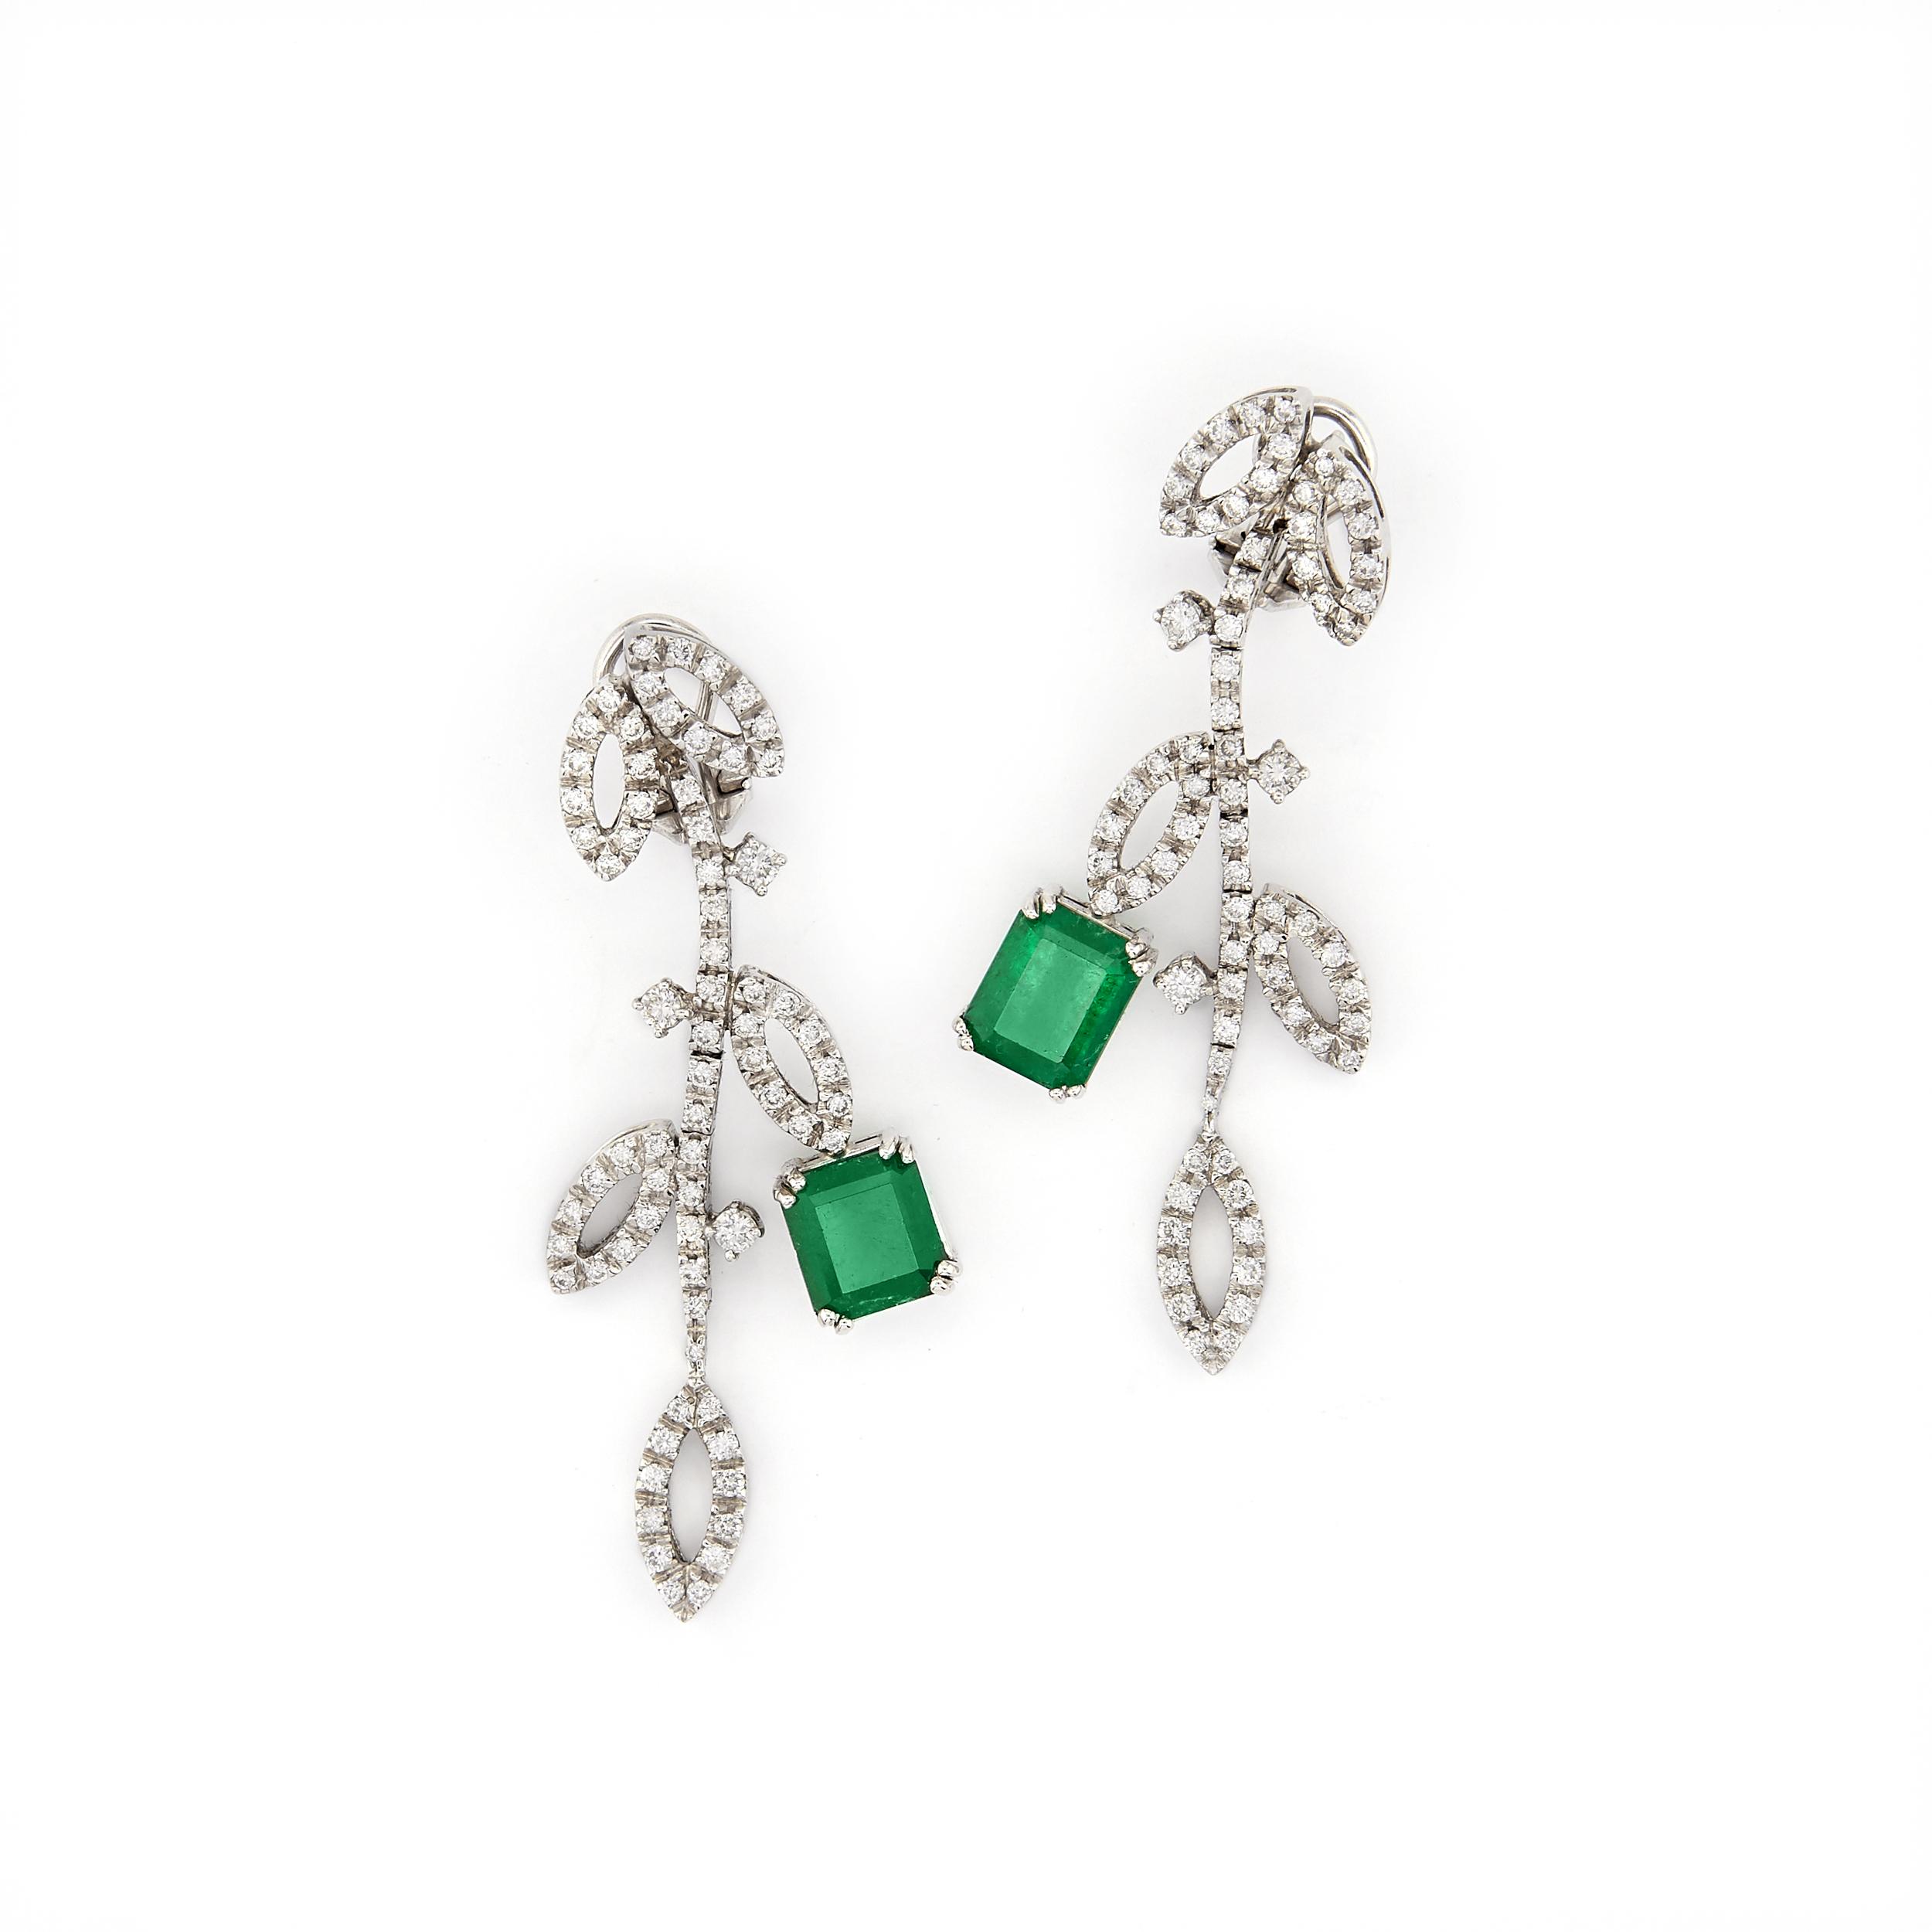 Paio di orecchini pendenti con smeraldi e diamanti (lotto 8, stima 3.800 – 4.200 euro)